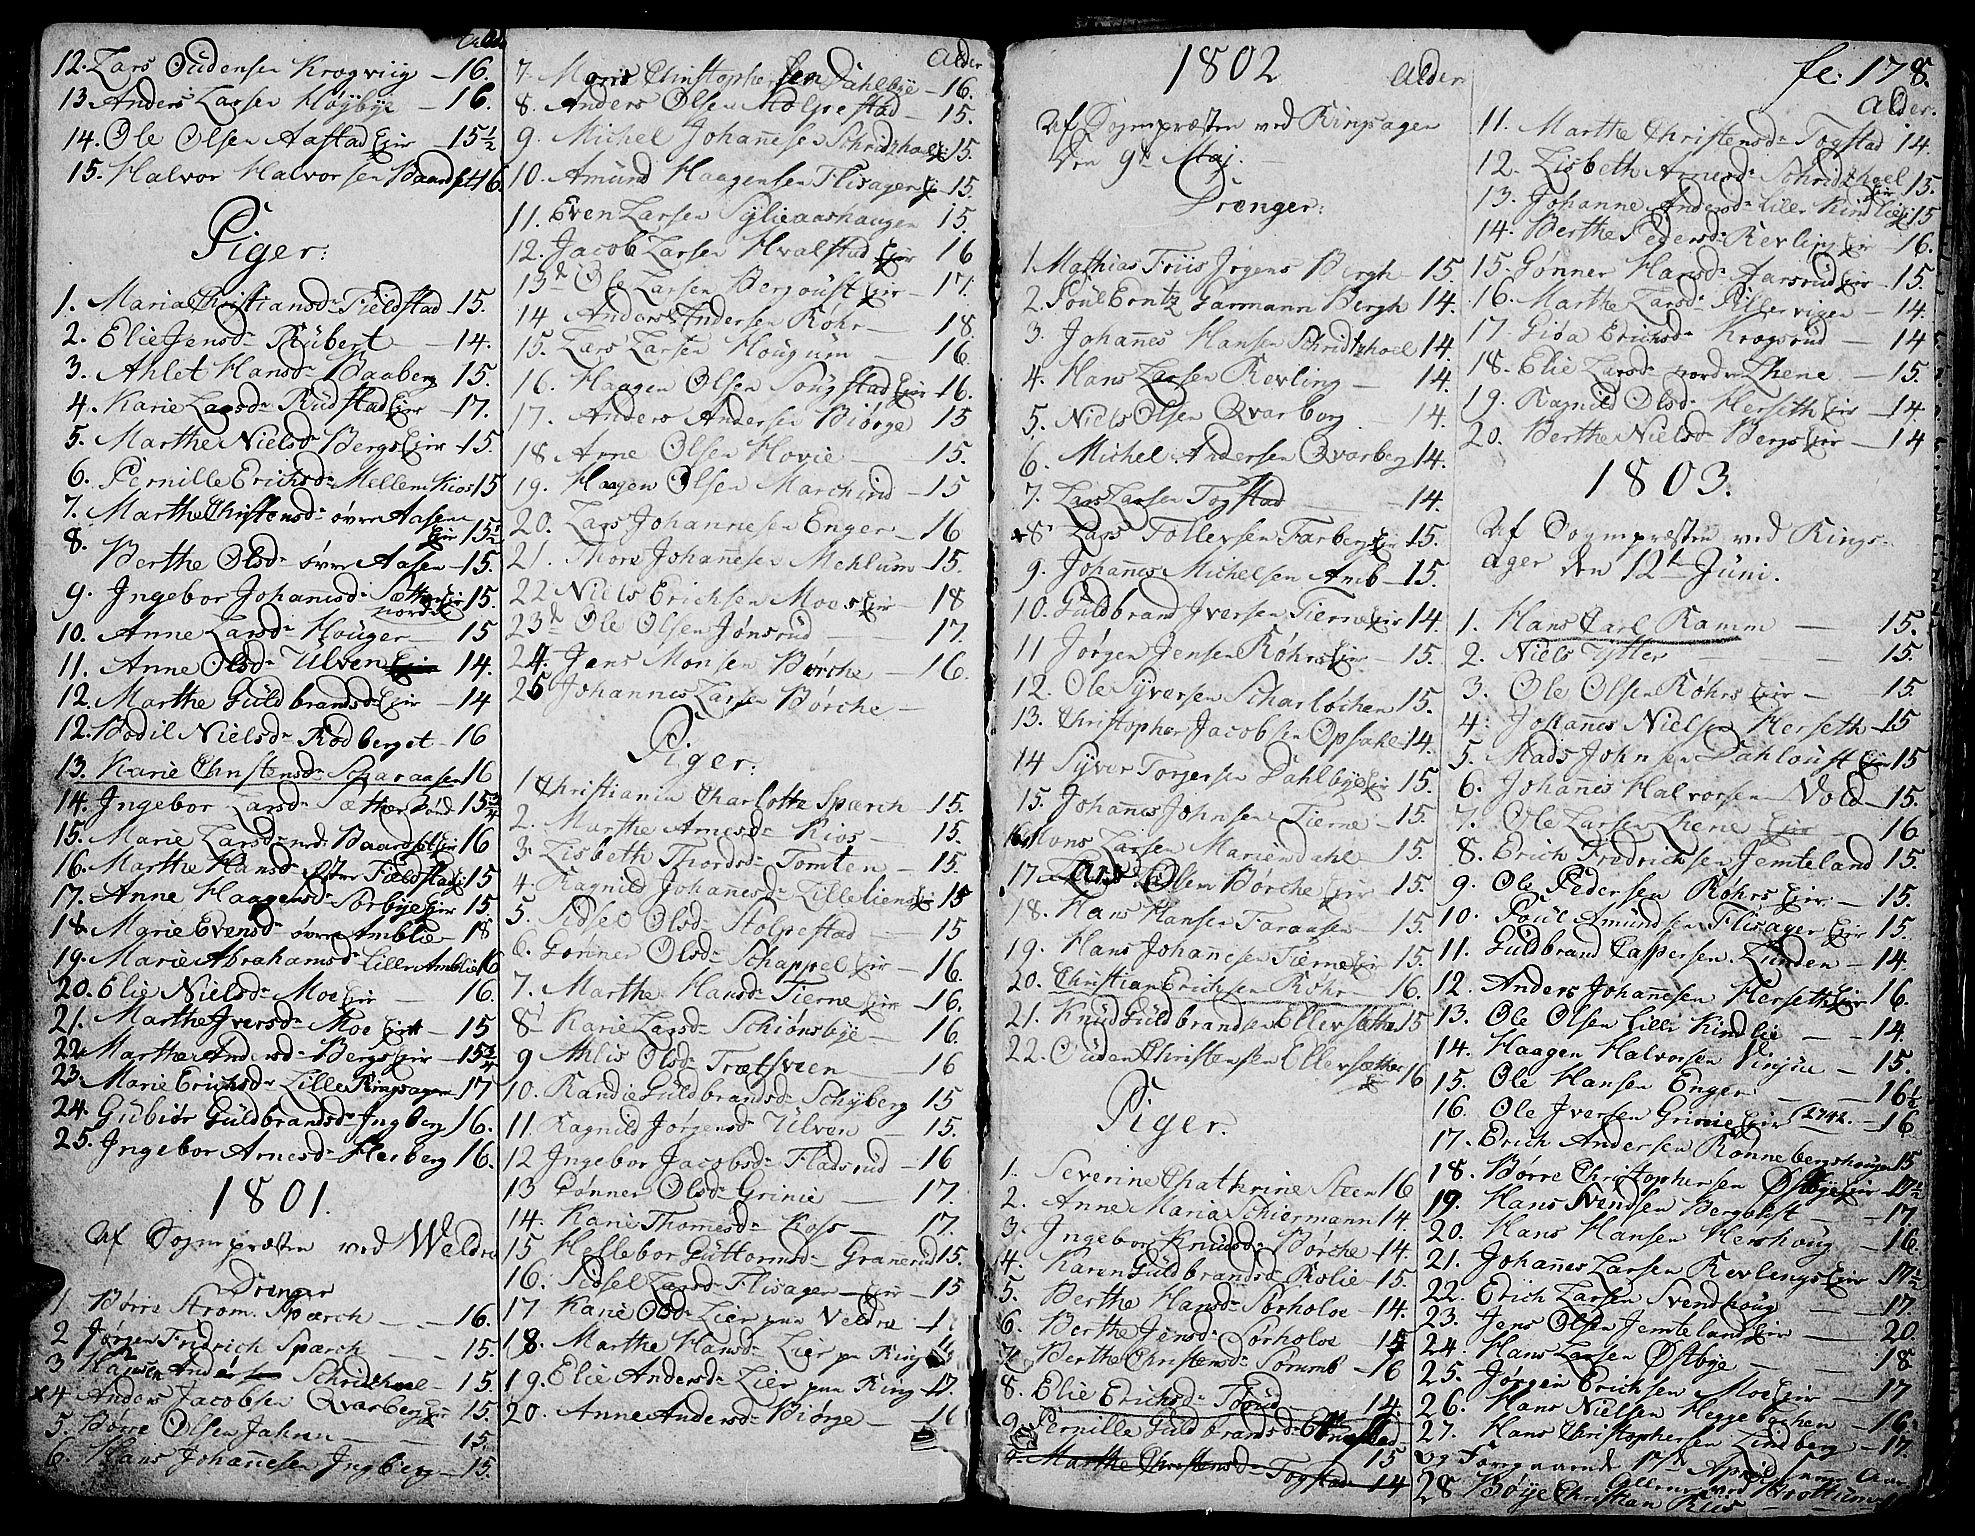 SAH, Ringsaker prestekontor, K/Ka/L0004: Ministerialbok nr. 4, 1799-1814, s. 178